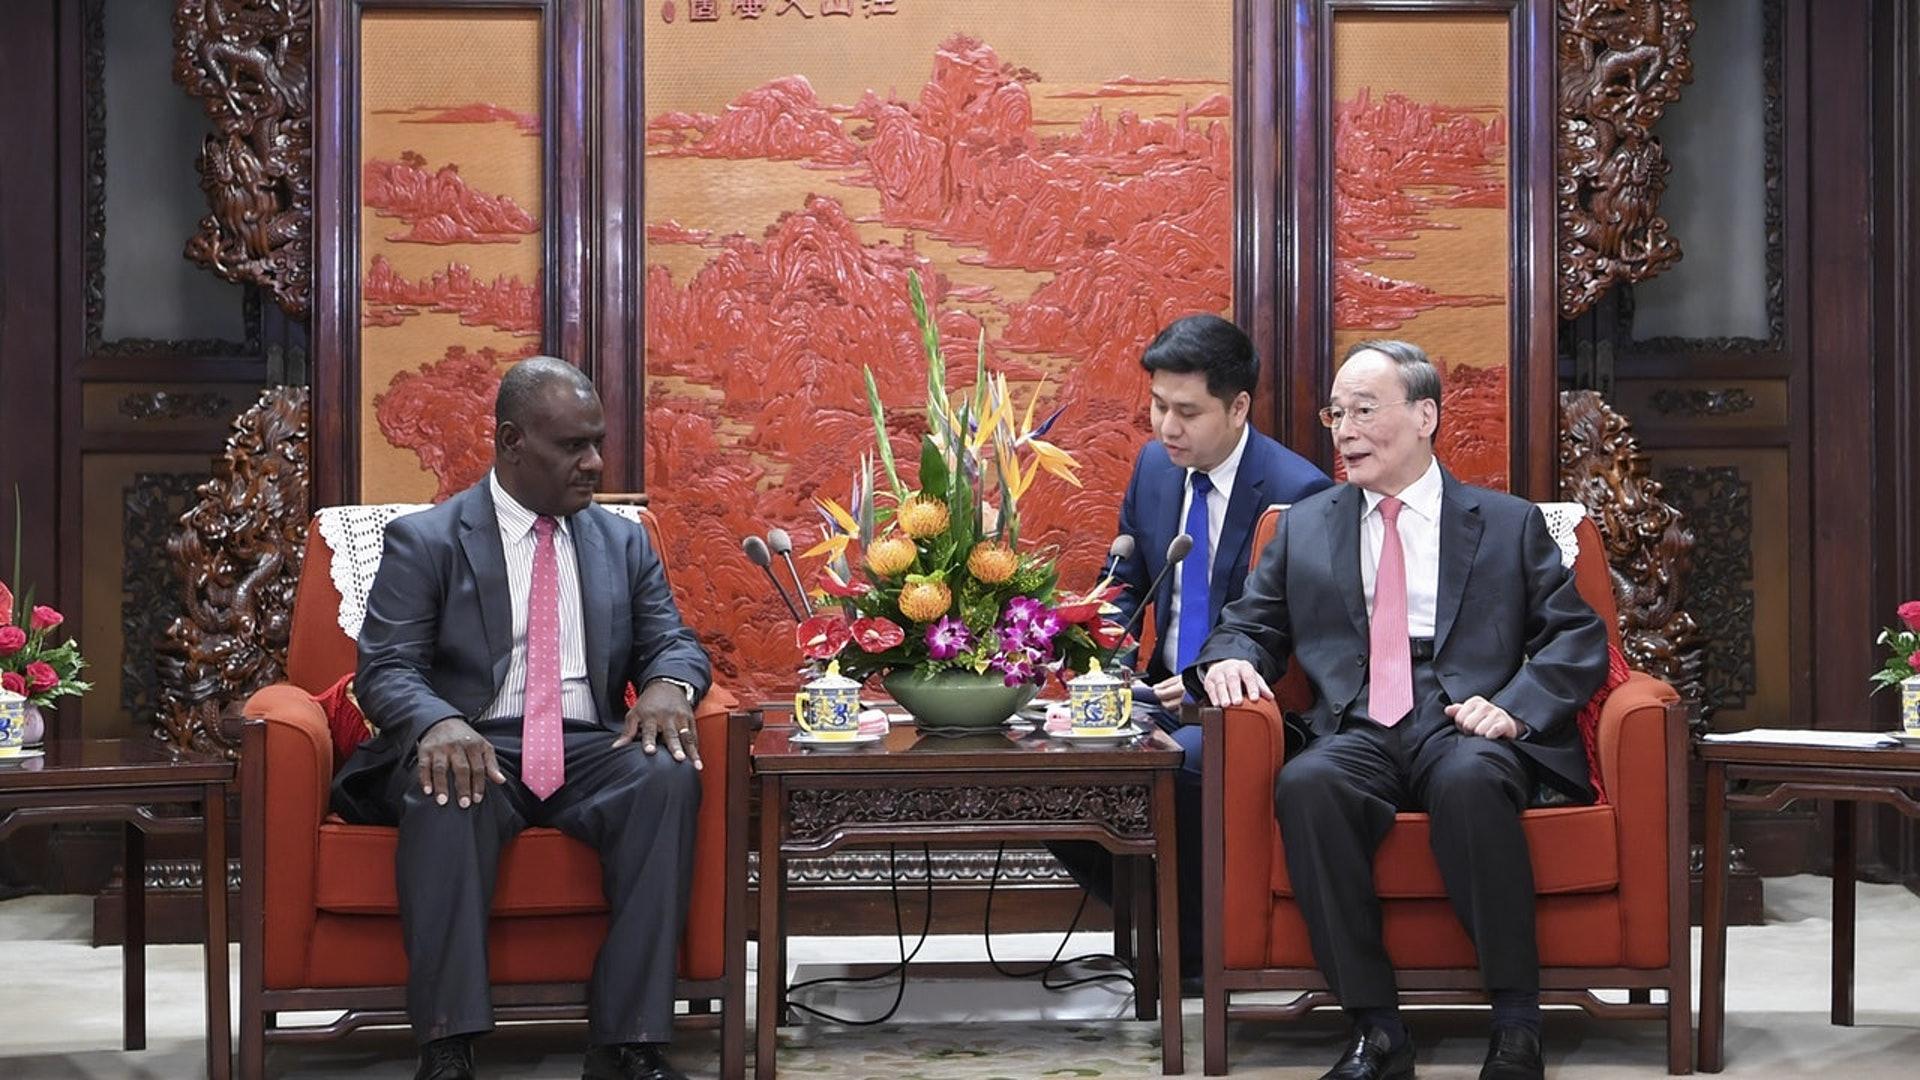 9月23日,国家副主席王岐山在中南海会见所罗门群岛外长马内莱。(新华社)